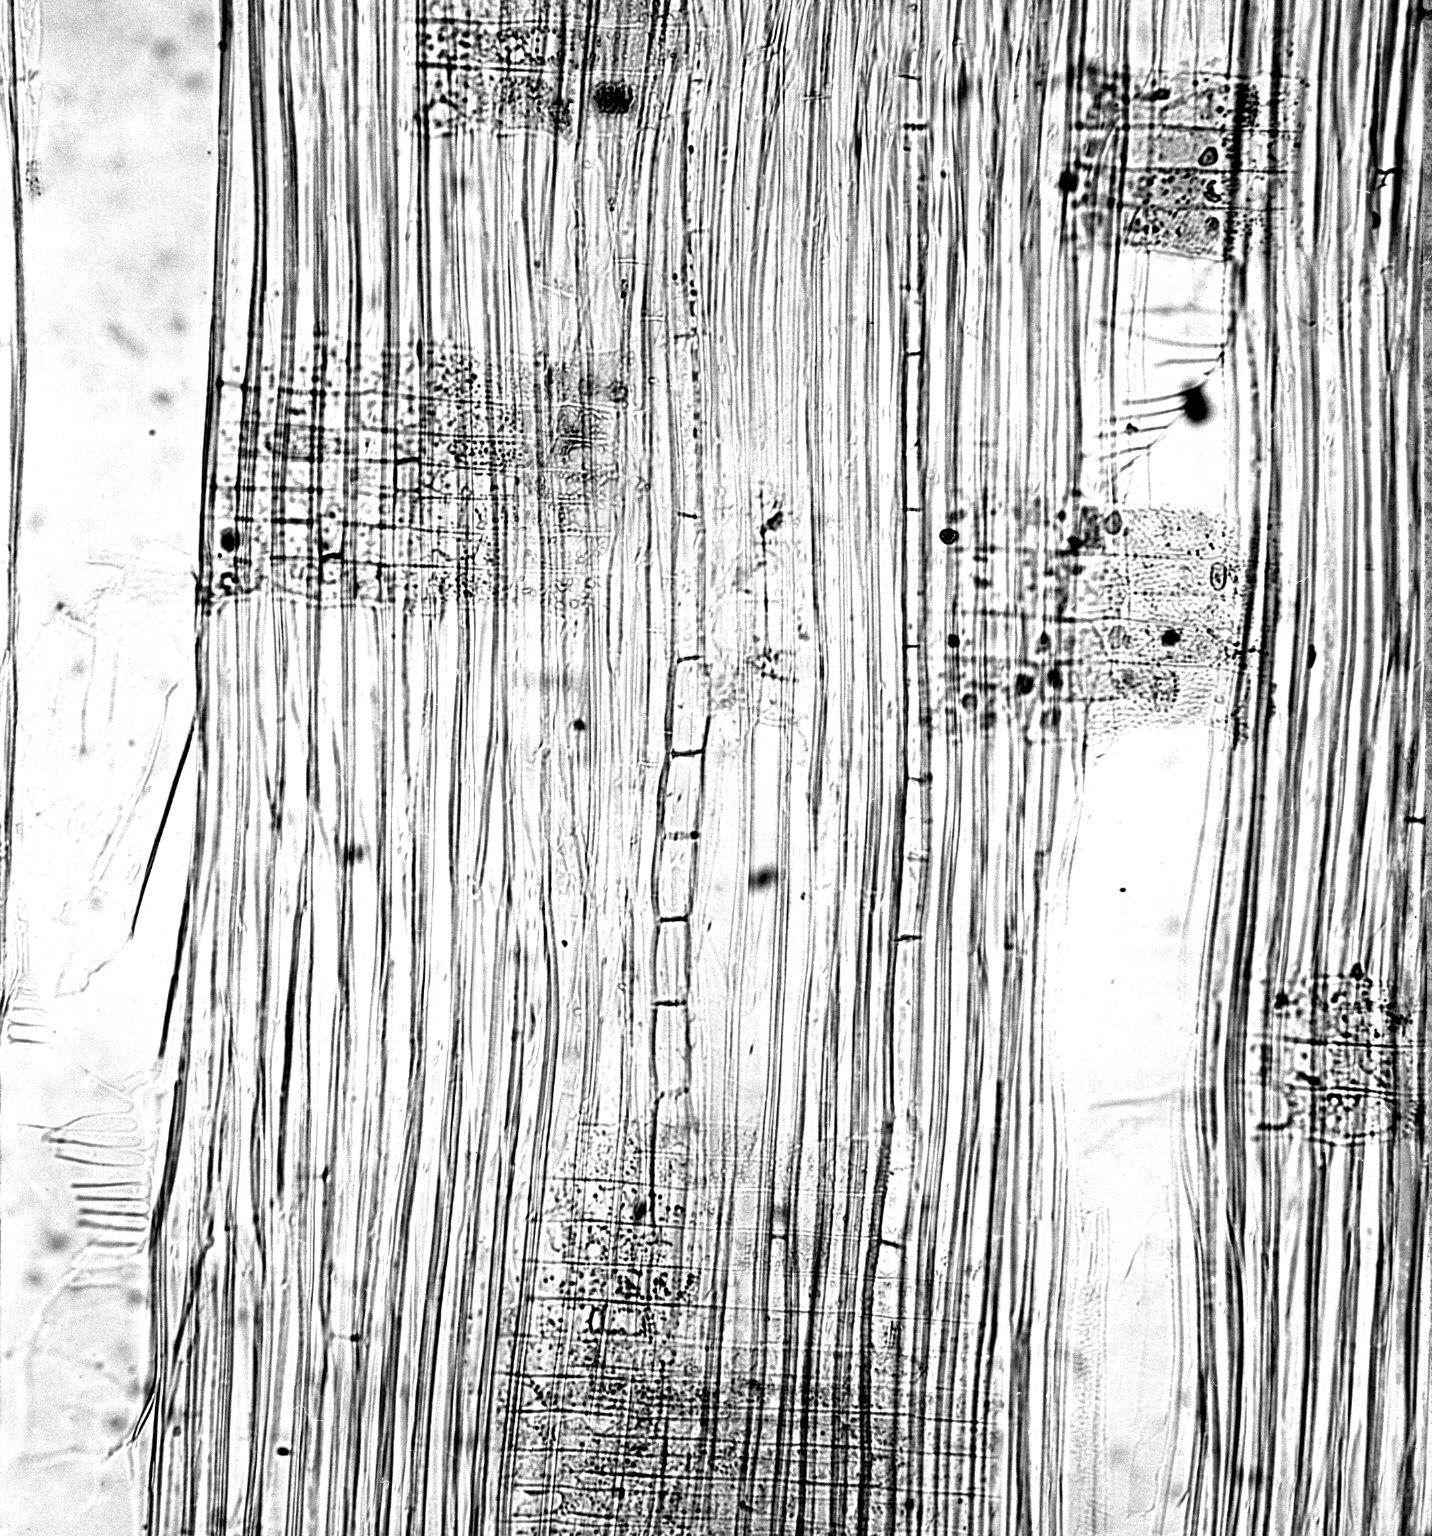 BETULACEAE Betula papyrifera